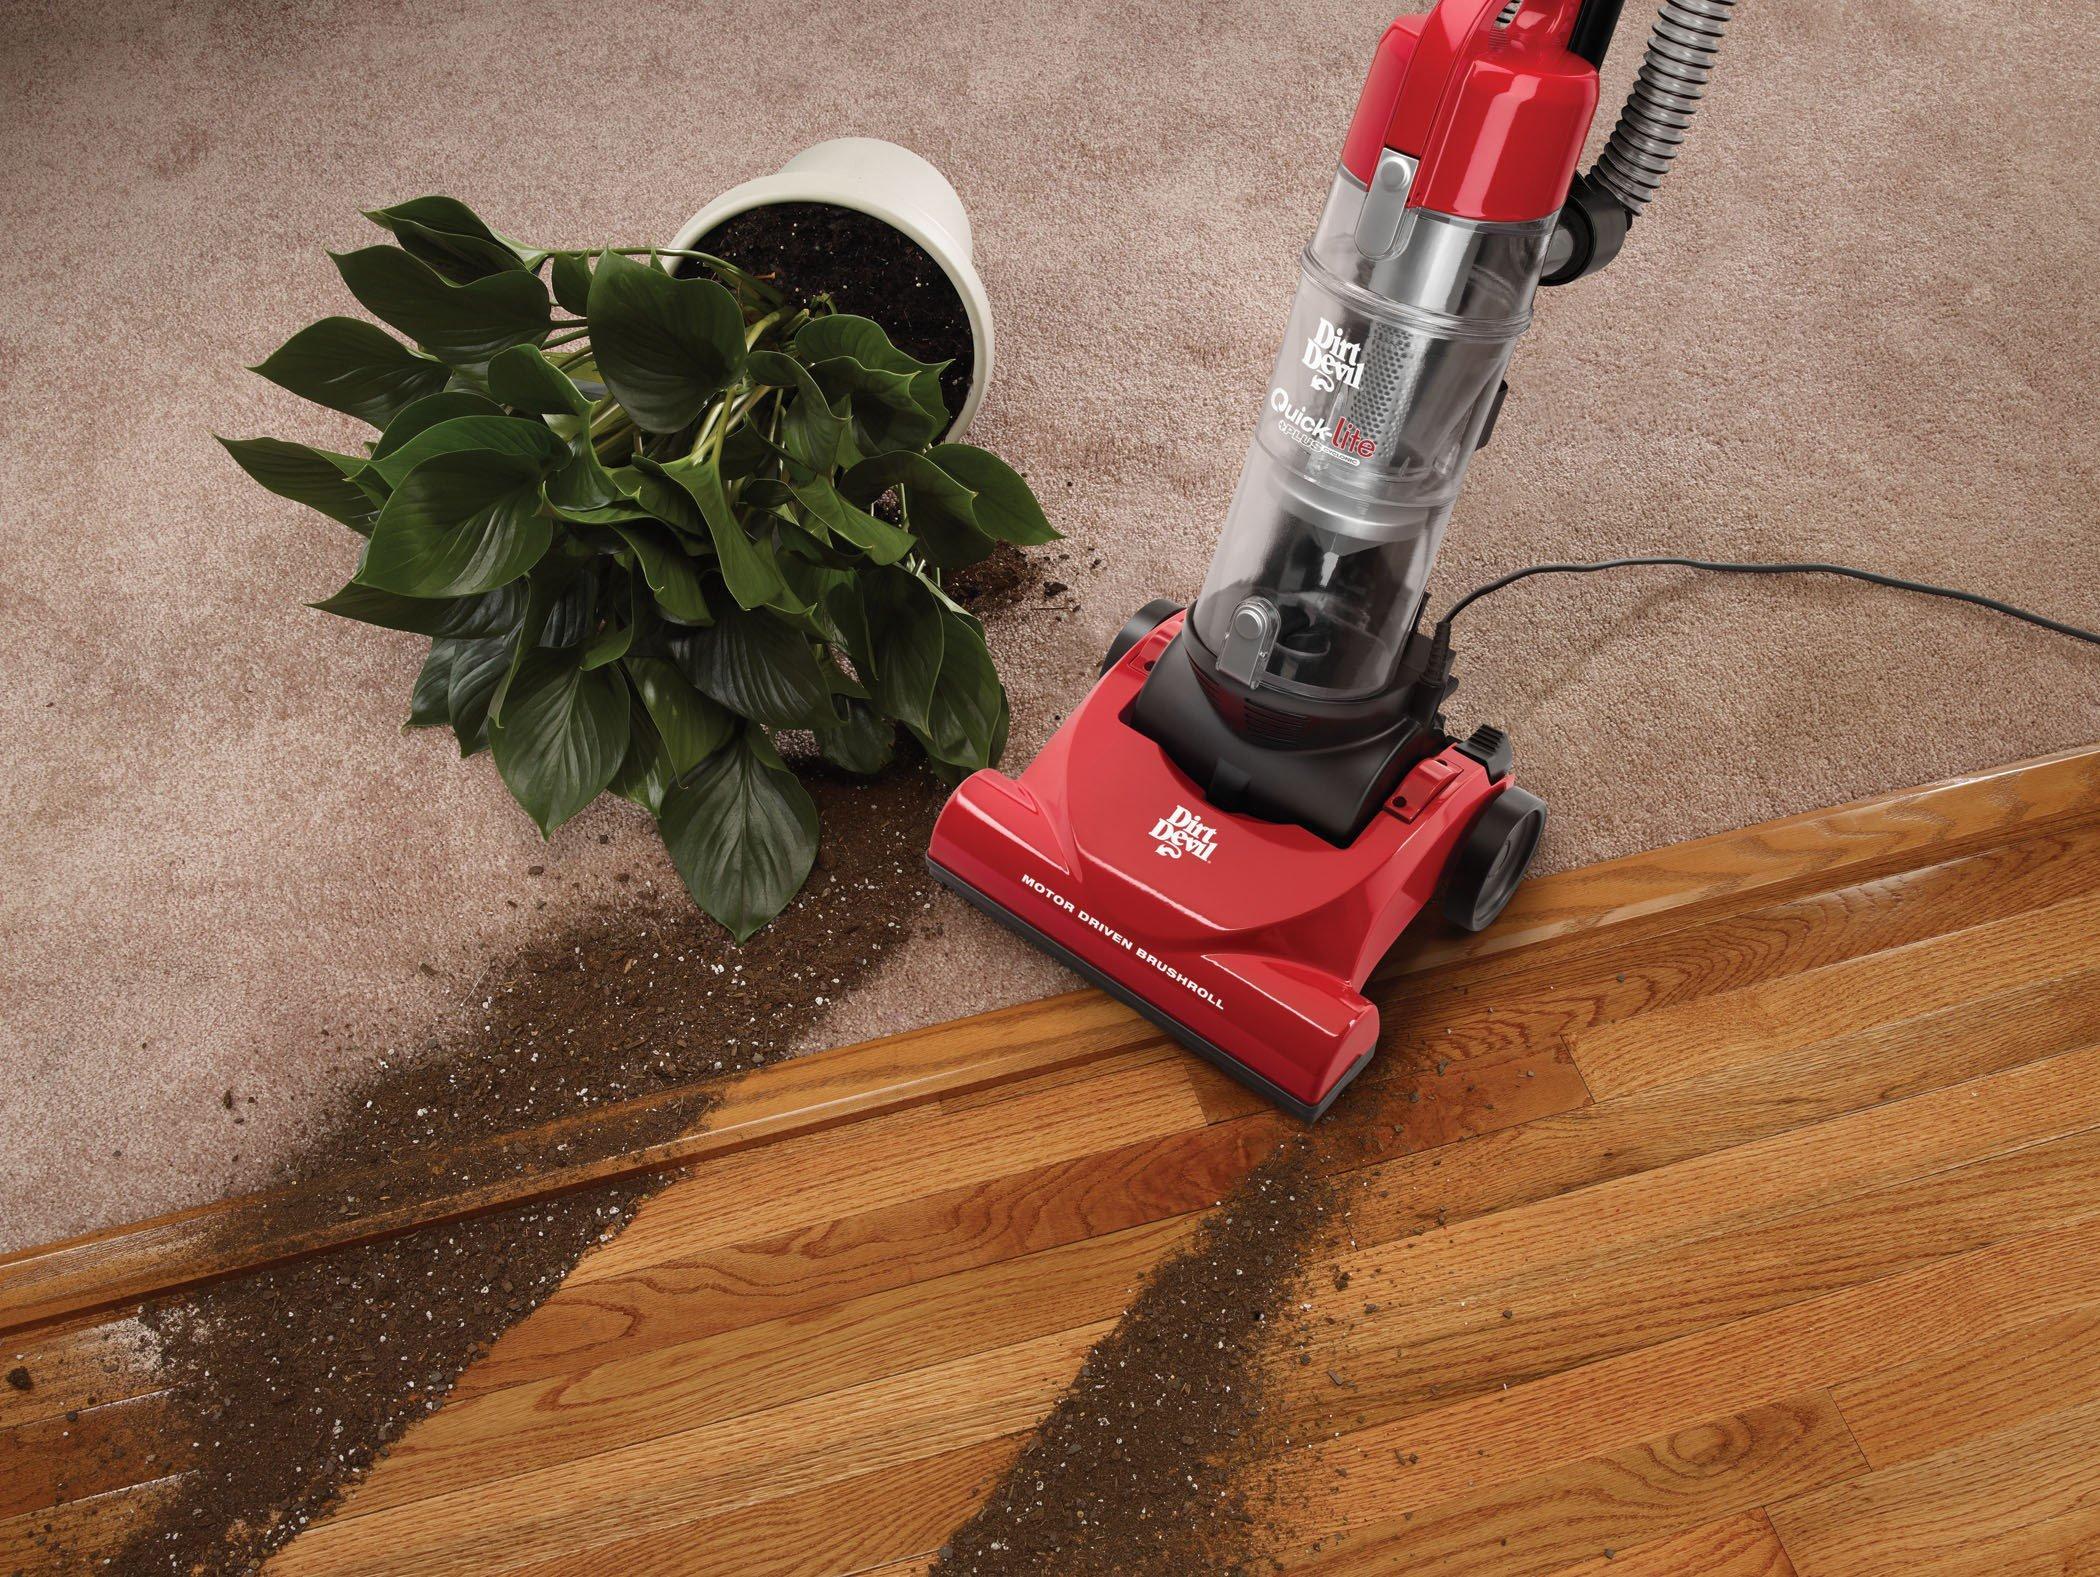 Quick-Lite Plus Cyclonic Upright Vacuum3